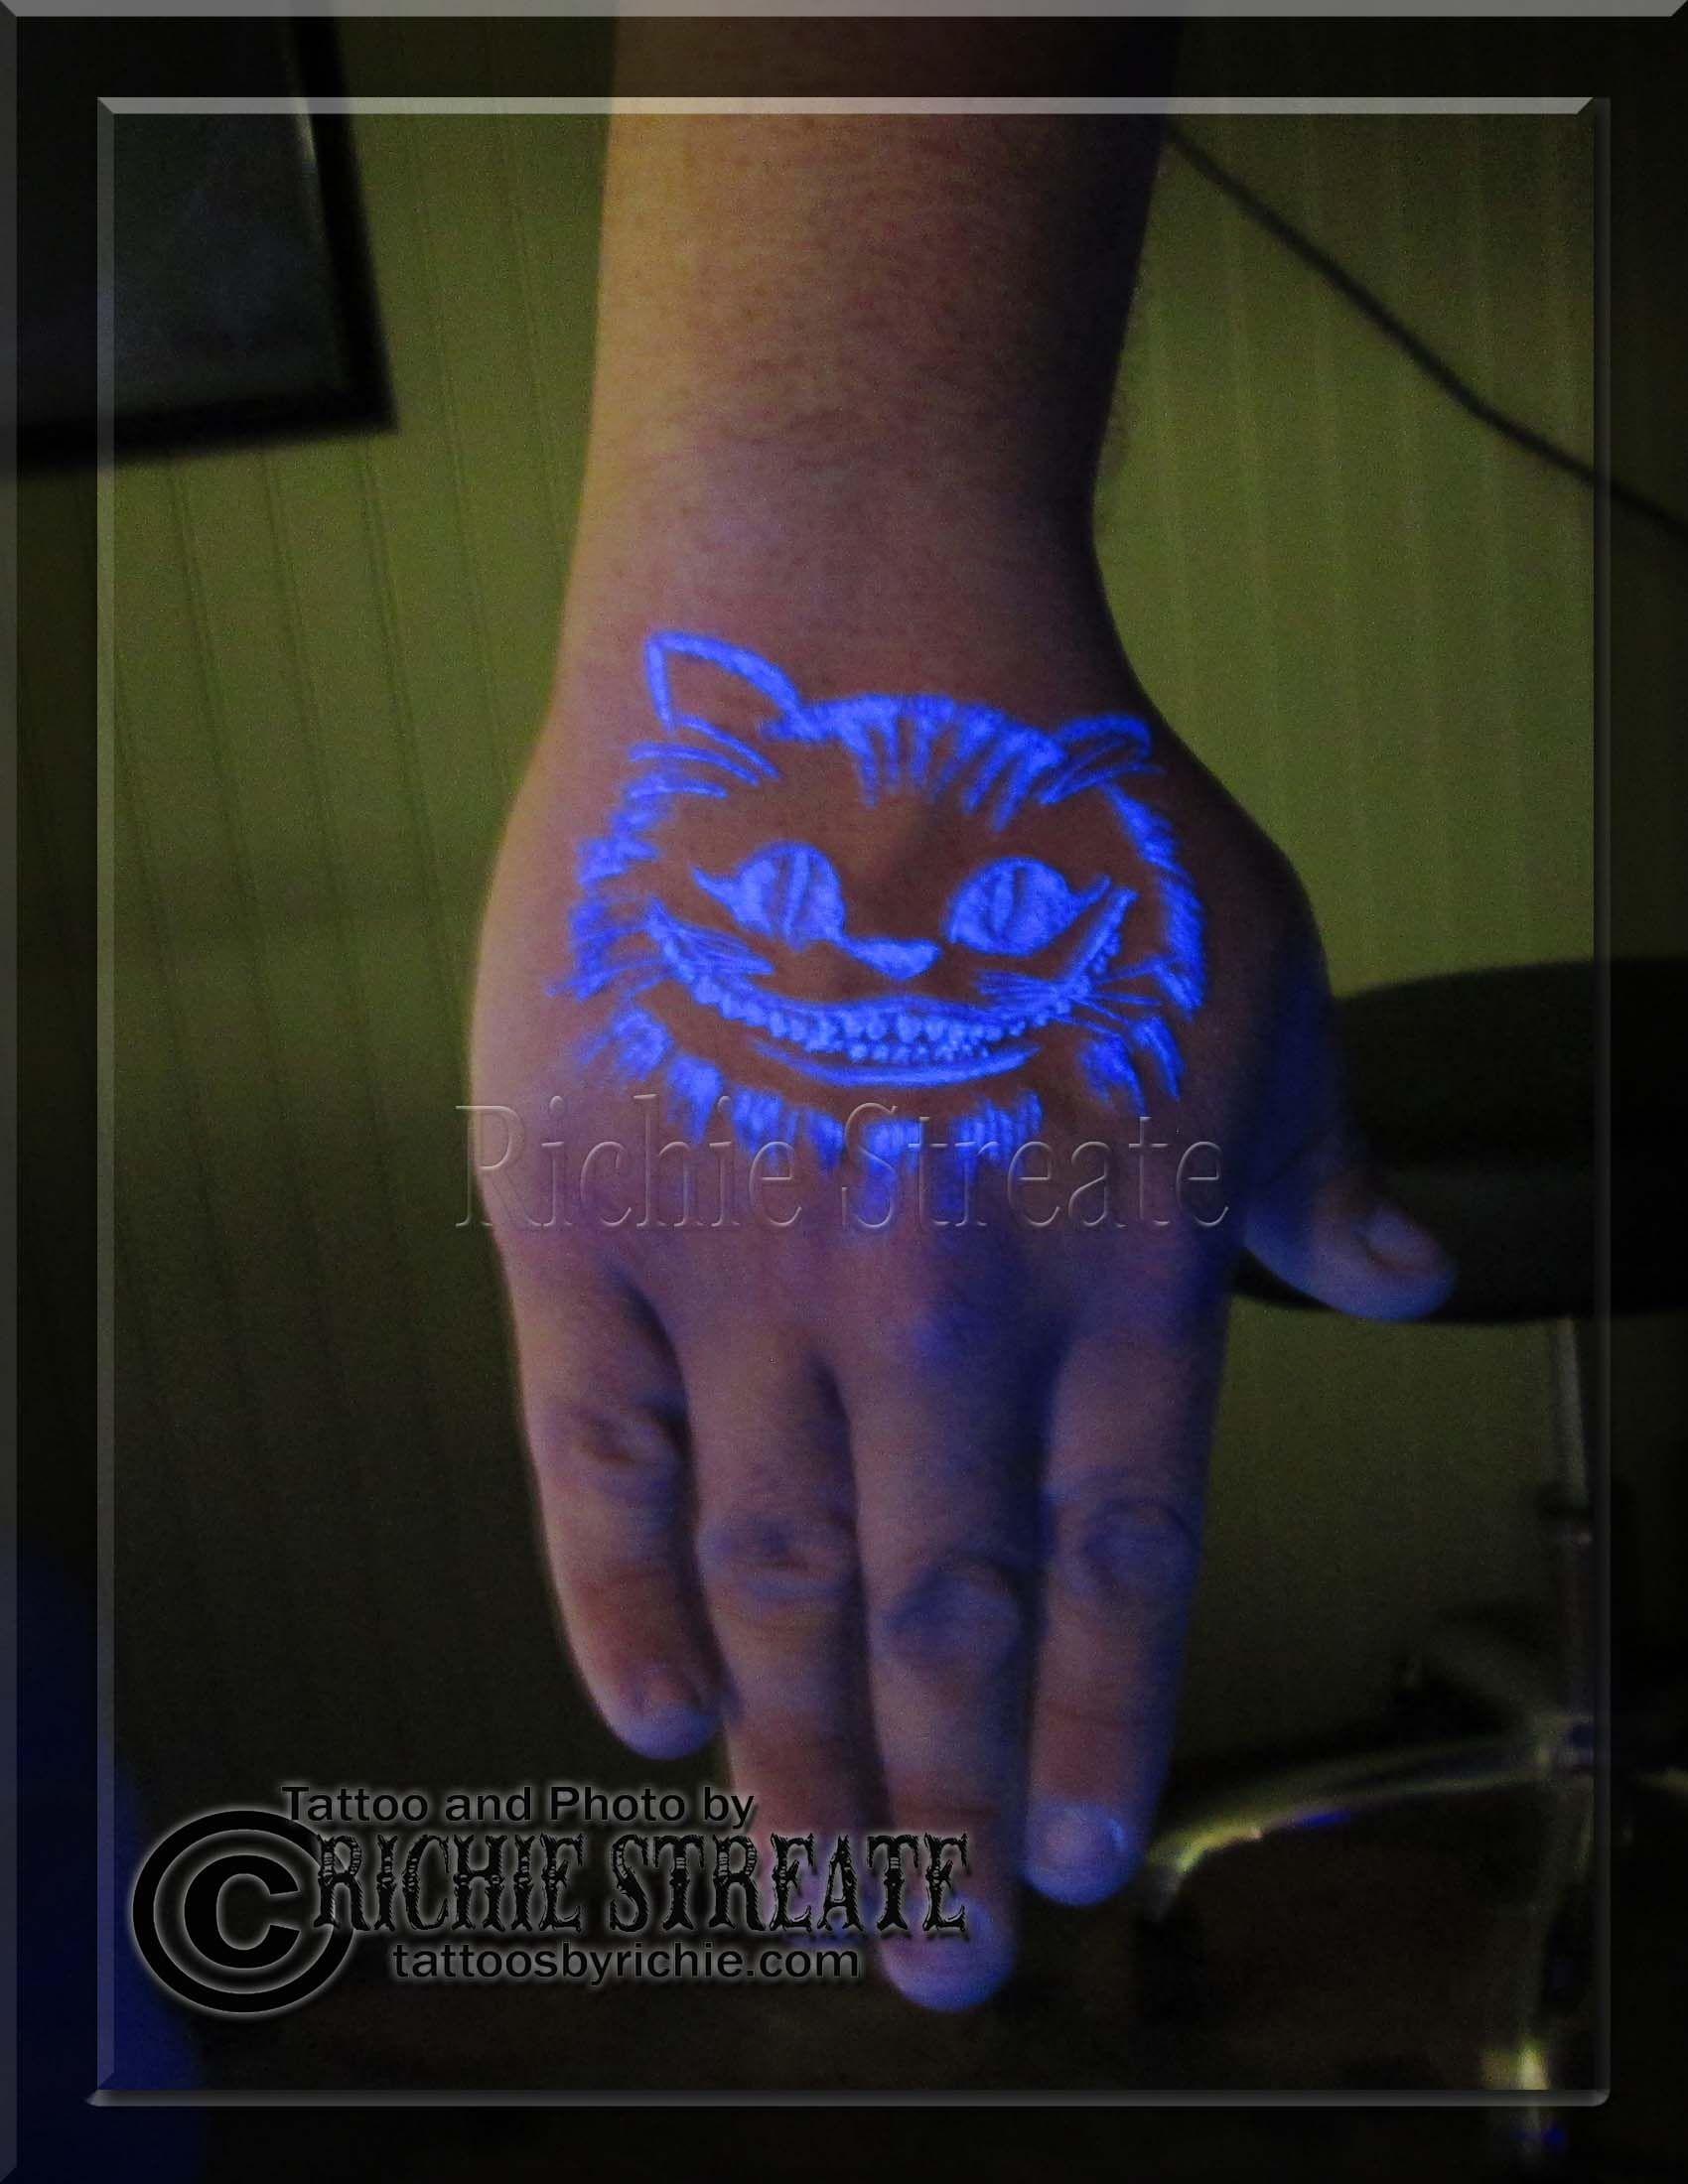 Black Light Tattoos : black, light, tattoos, Cheshire, Black, Light,, Tattoo, Halloween, Tattoos,, Tattoo,, Tattoos